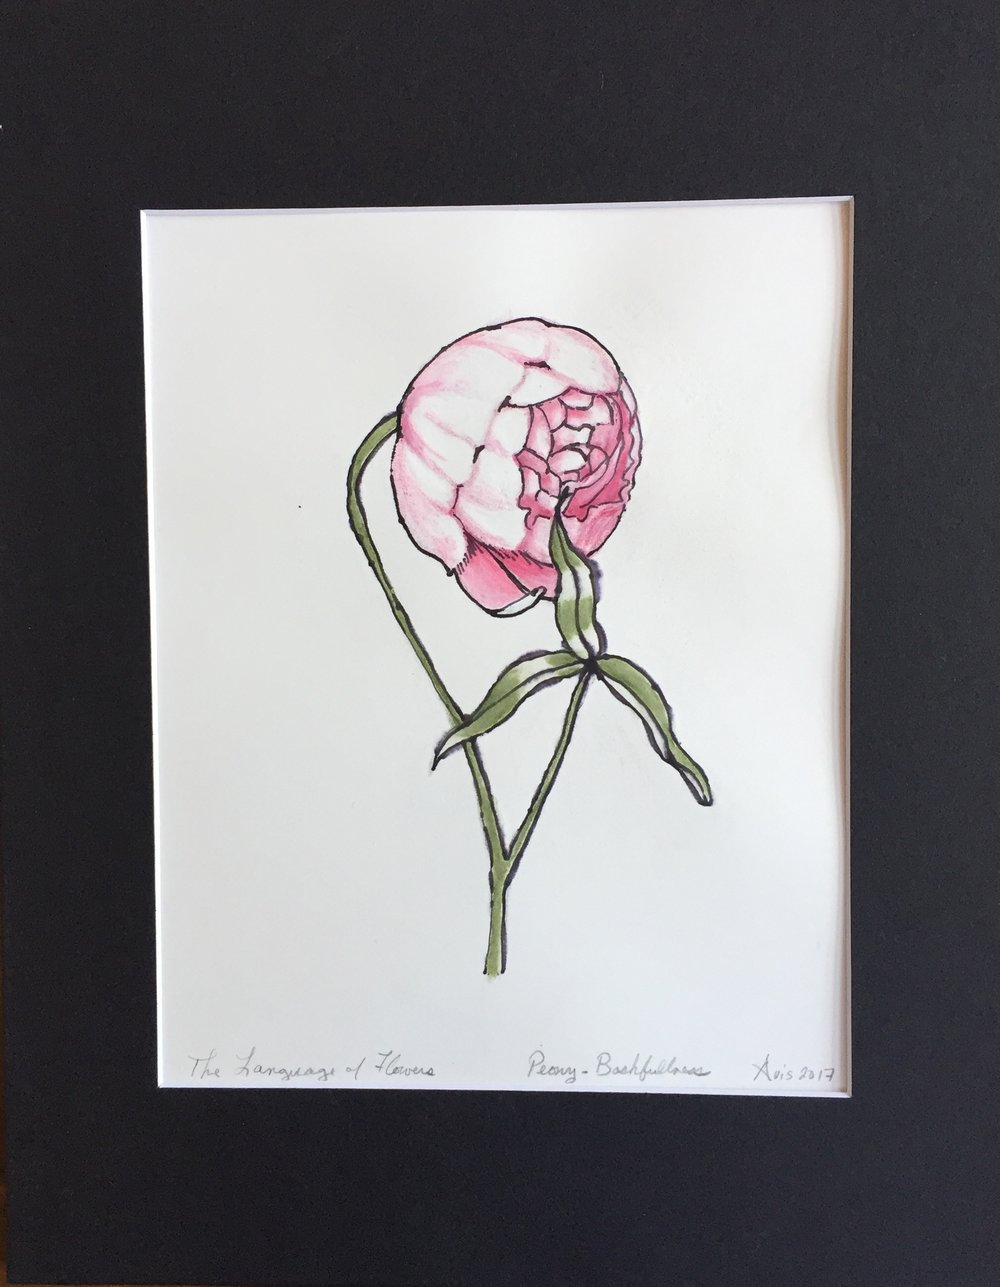 The Language of Flowers, Peony-Bashfulness.